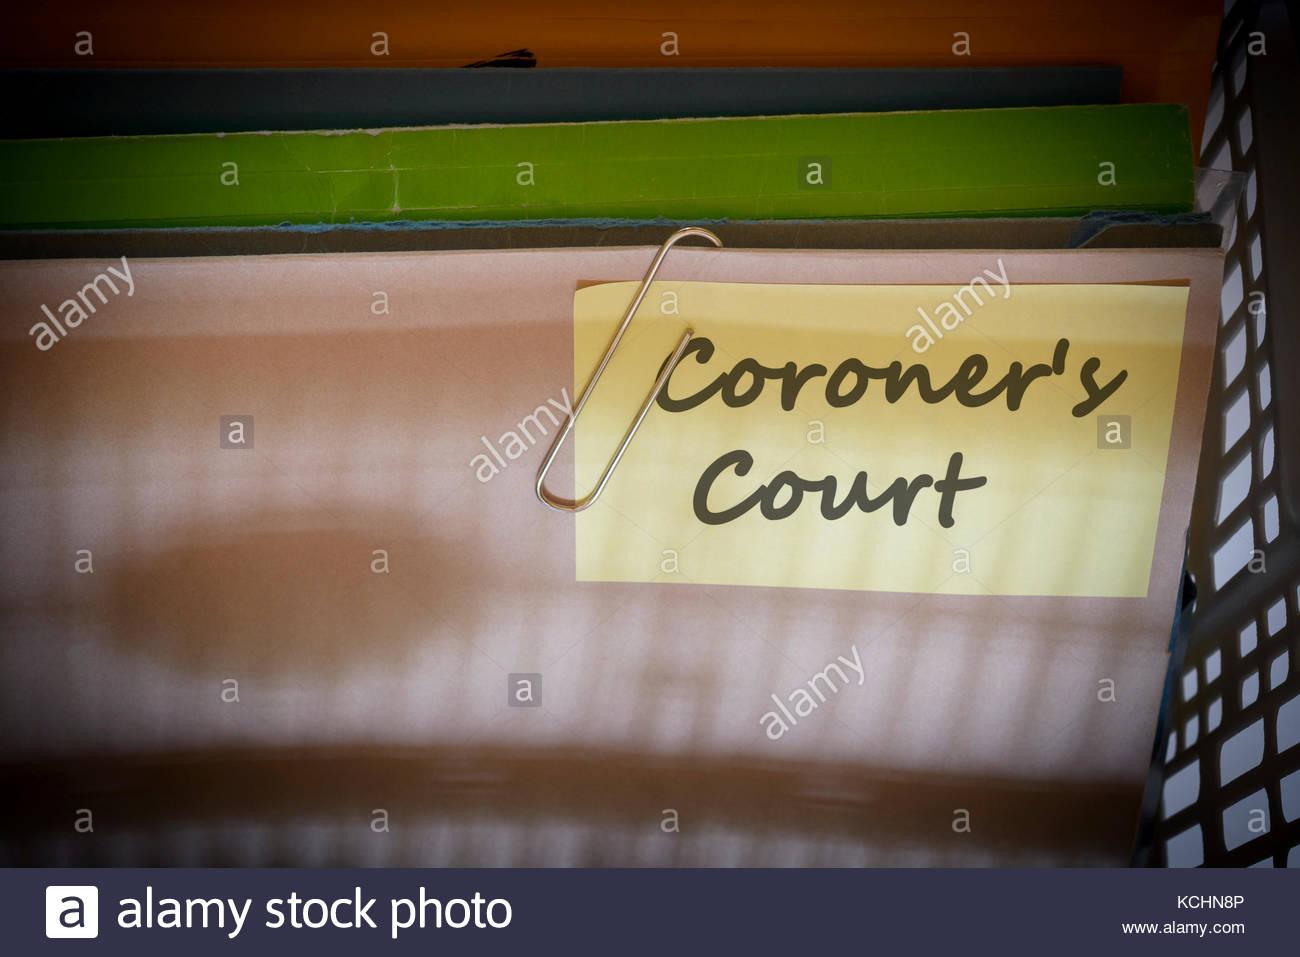 Coroner's Court written on document folder, Dorset, England. - Stock Image